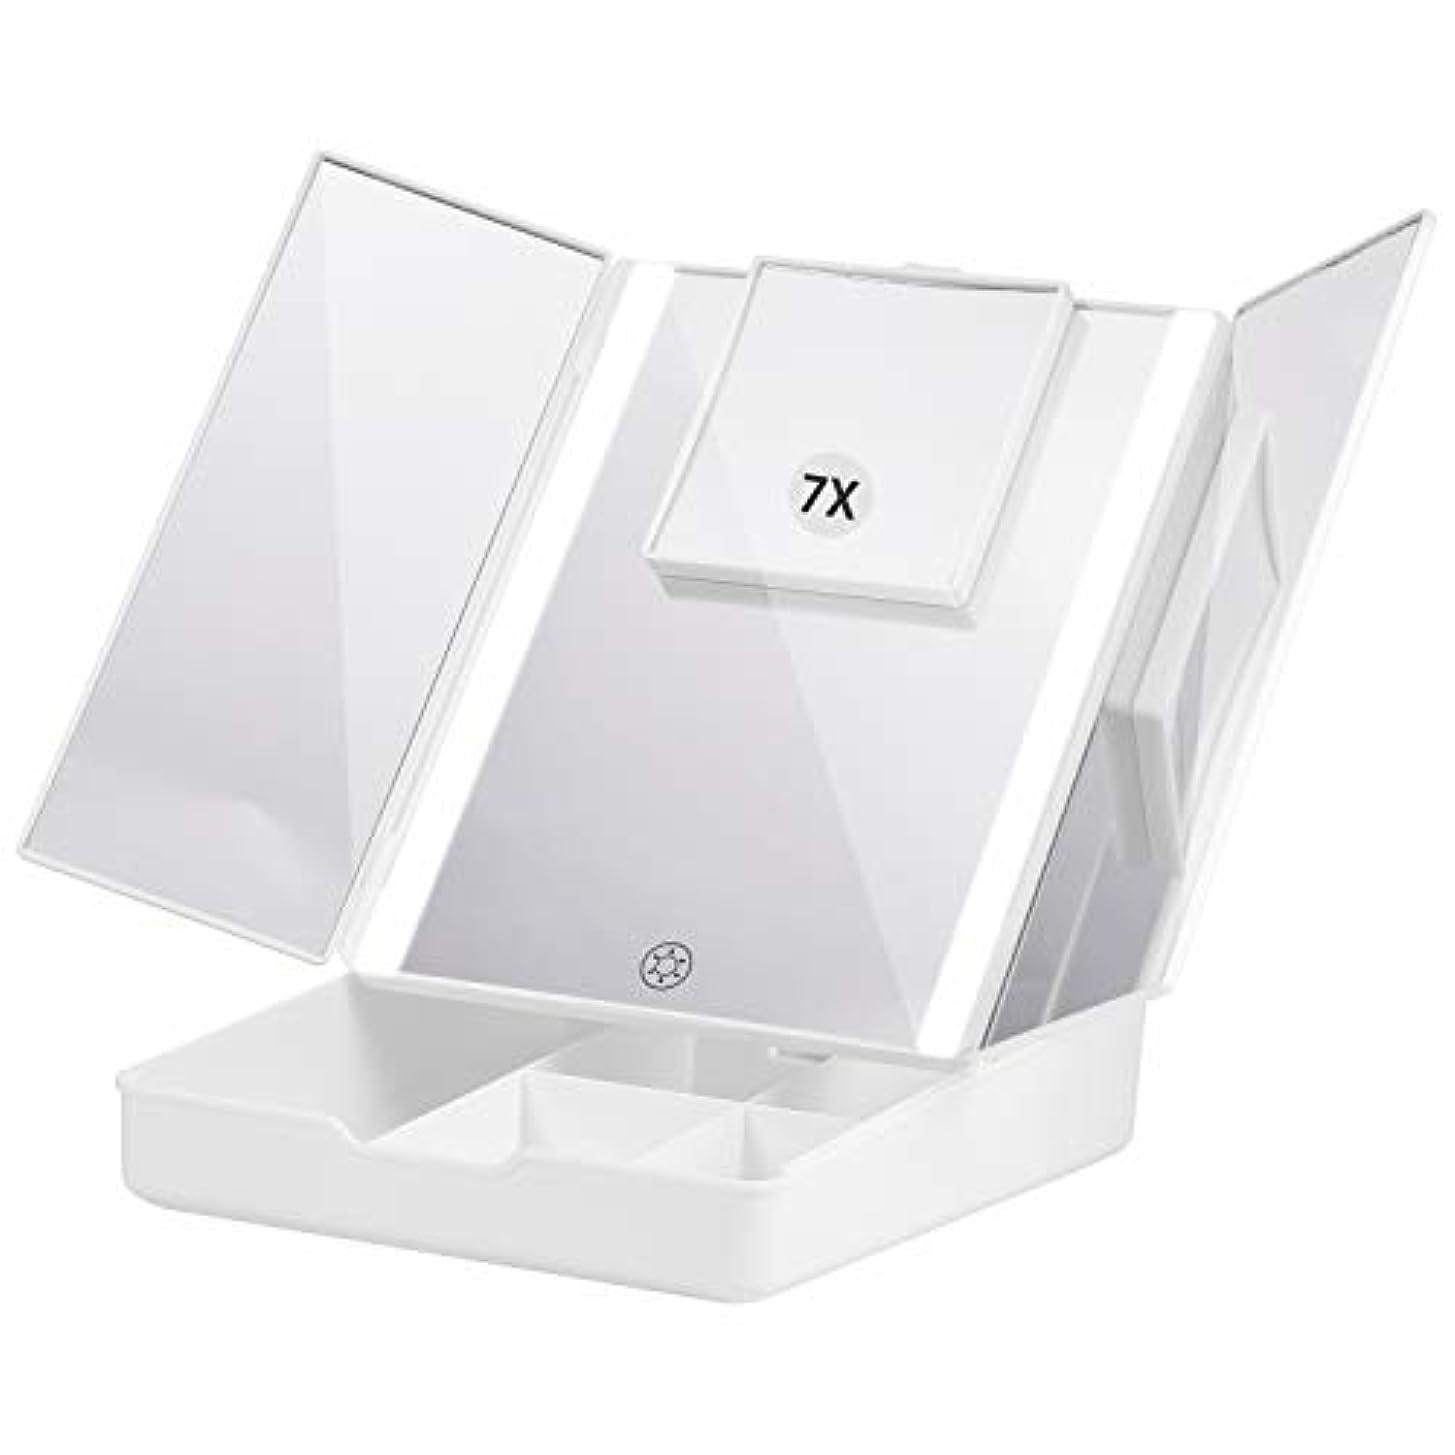 ベリ弁護証書Fascinate 折りたたみ式三面鏡 化粧鏡 7倍拡大鏡付き 24個LED スタンドミラー USB&電池式 角度調整可能 収納ケース付き